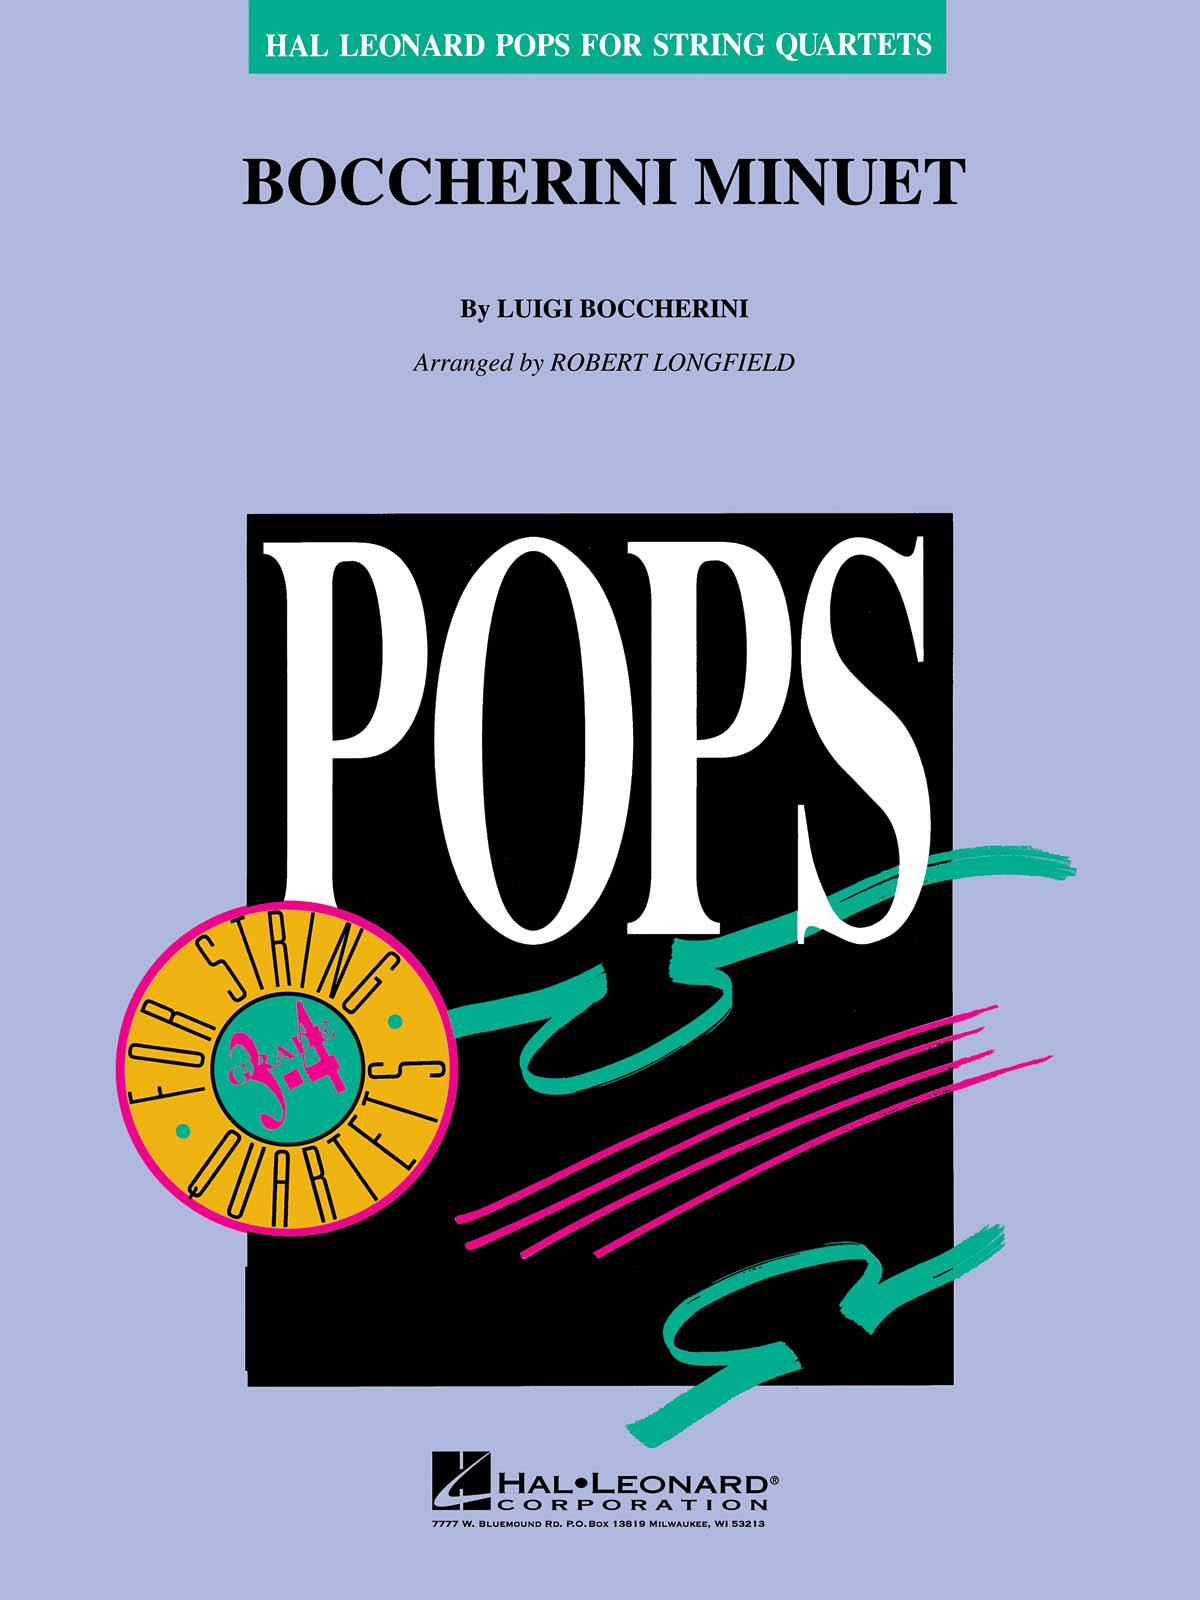 Luigi Boccherini: Boccherini Minuet: String Quartet: Score & Parts